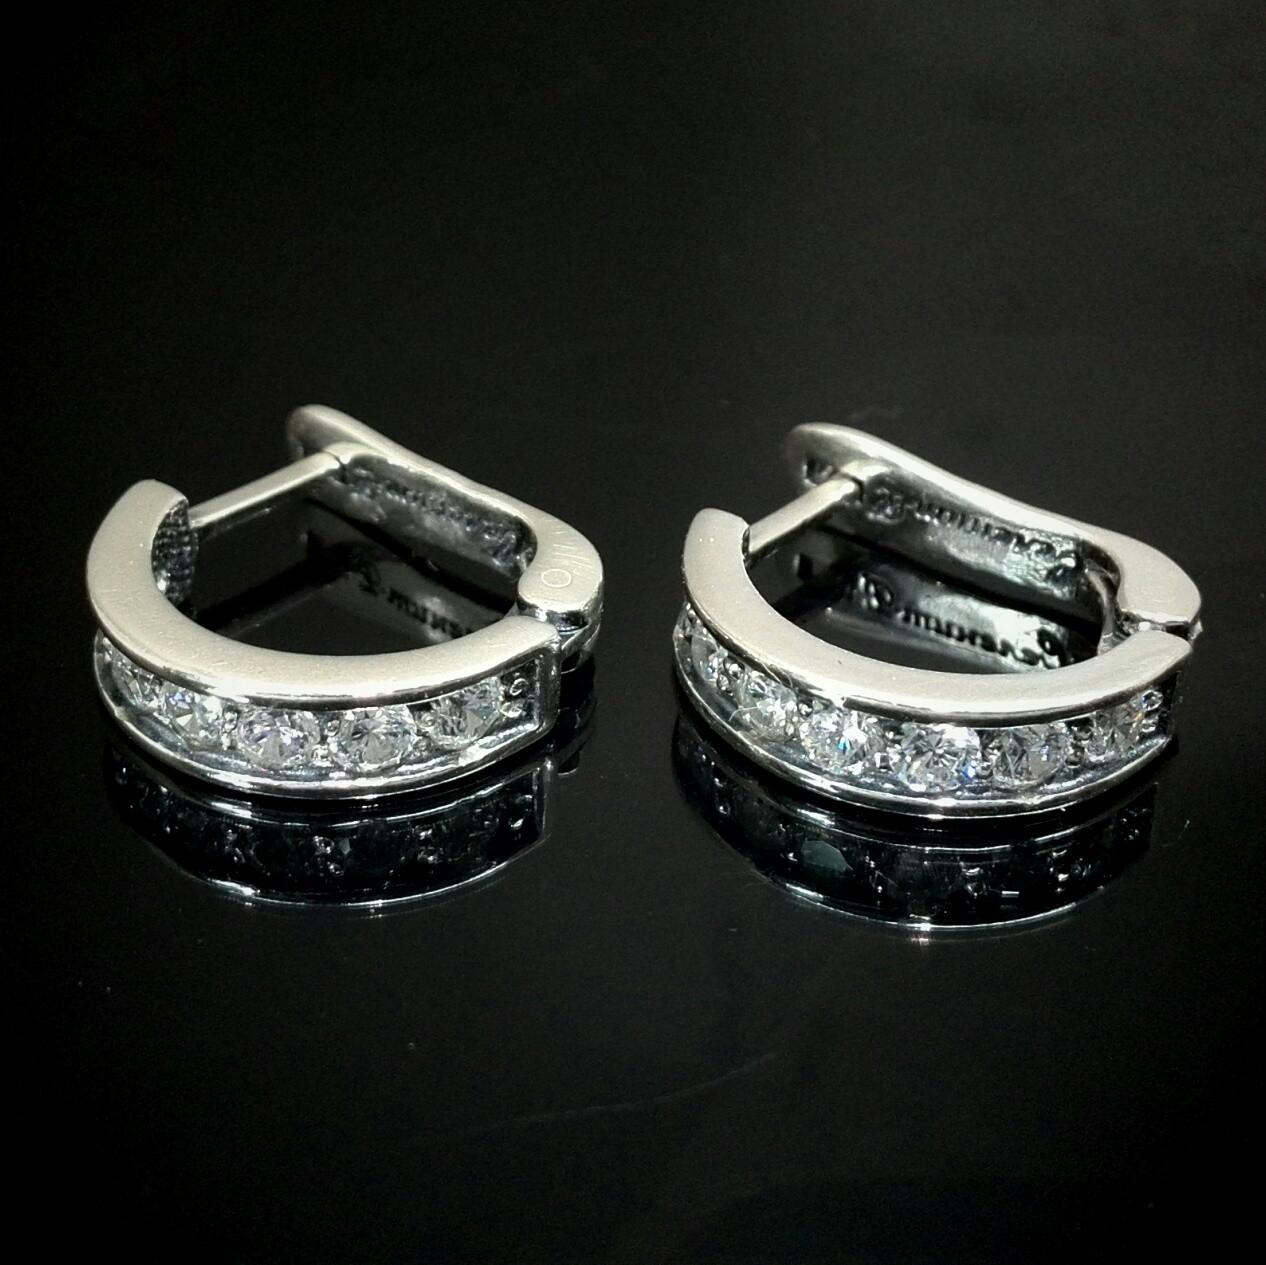 Срібні сережки з фіанітами, 14 каменів